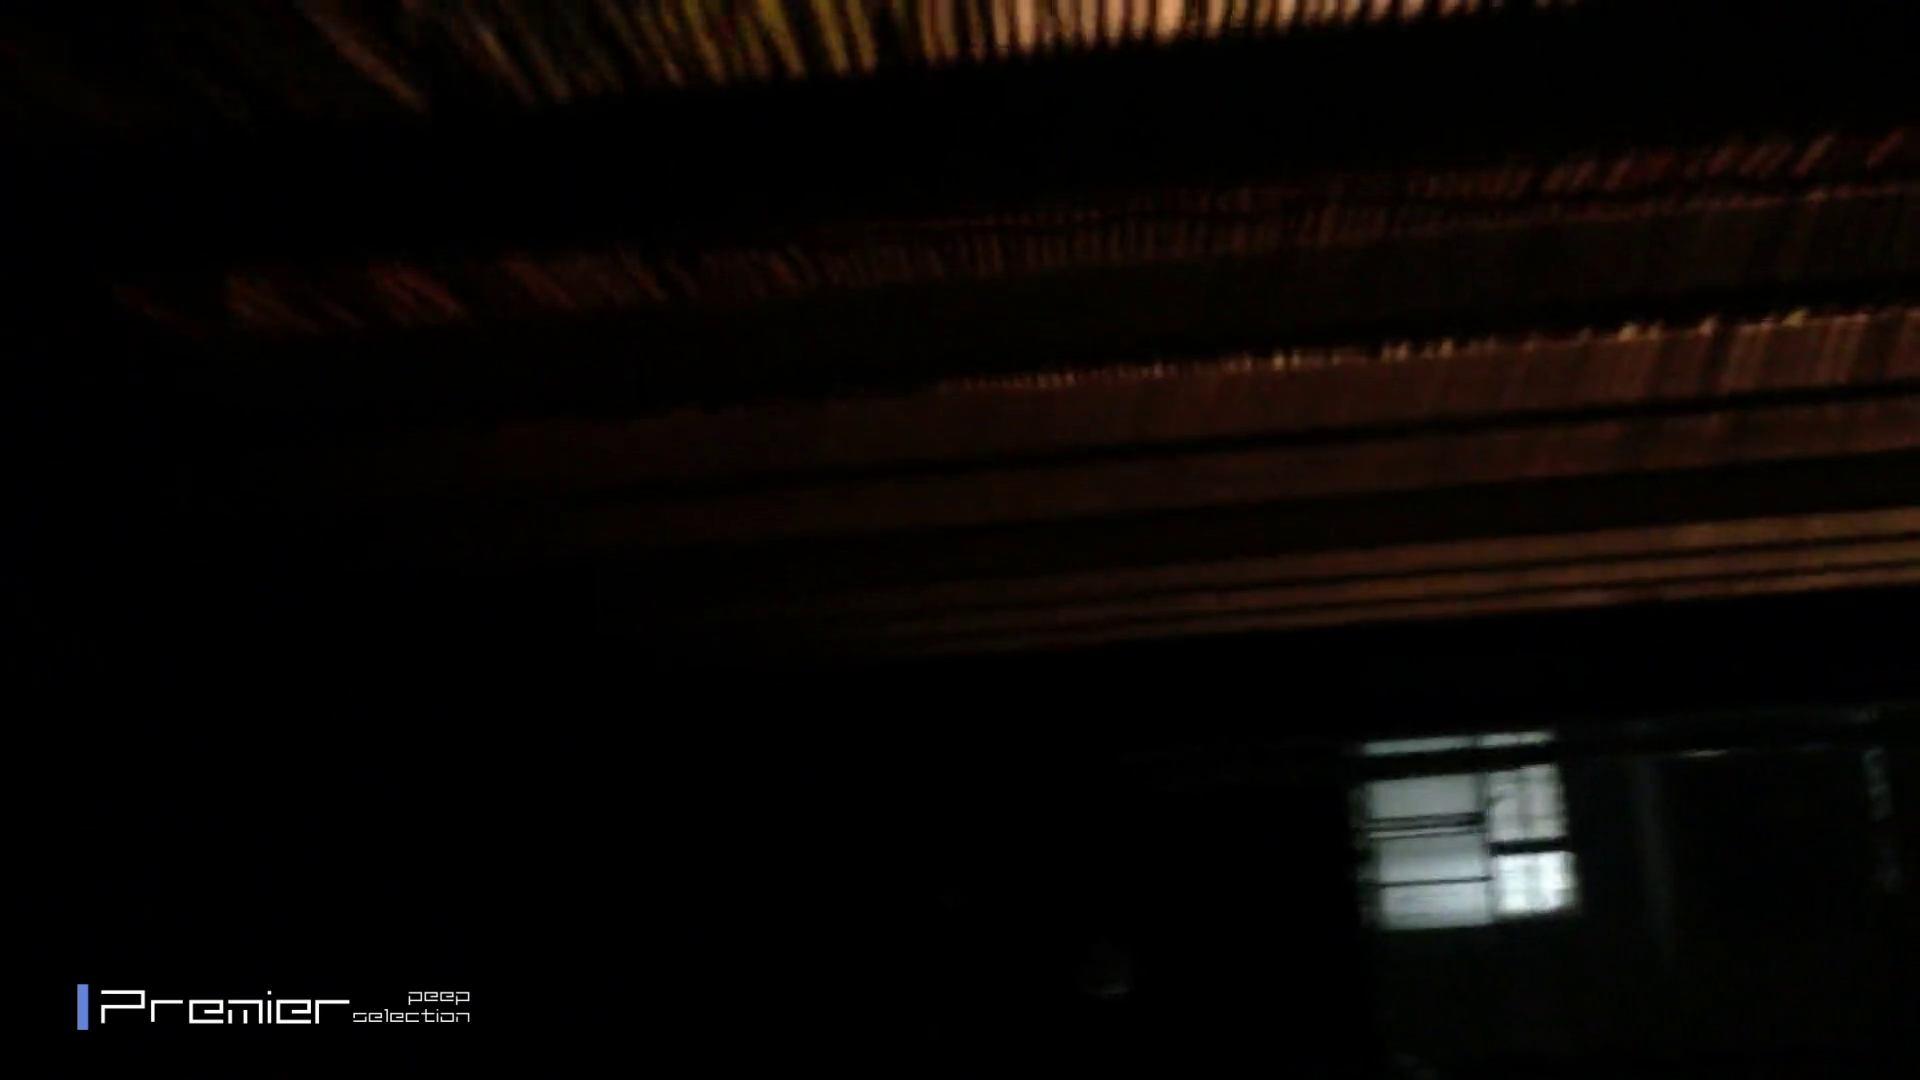 臨場感抜群!美人 OL の入浴シーン未公開版  美女達の私生活に潜入! 入浴中の女性 スケベ動画紹介 98PIX 59